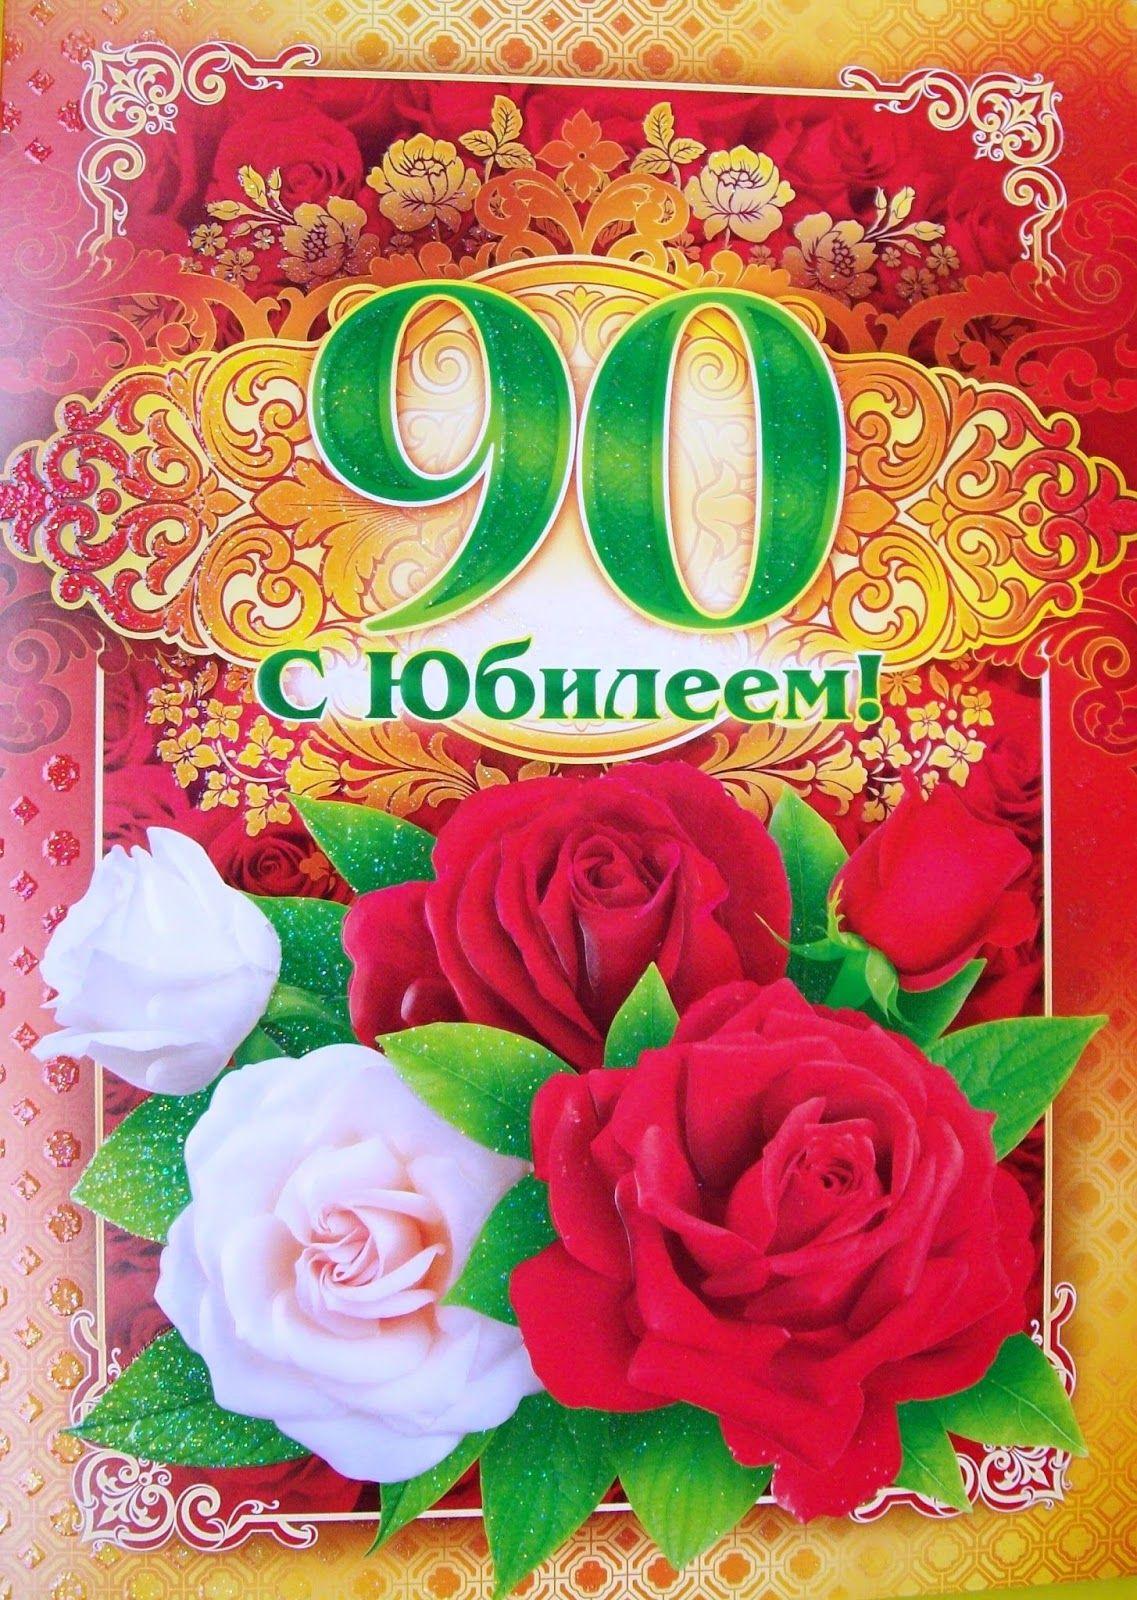 Поздравление с днем рождения мамы с 90 летием